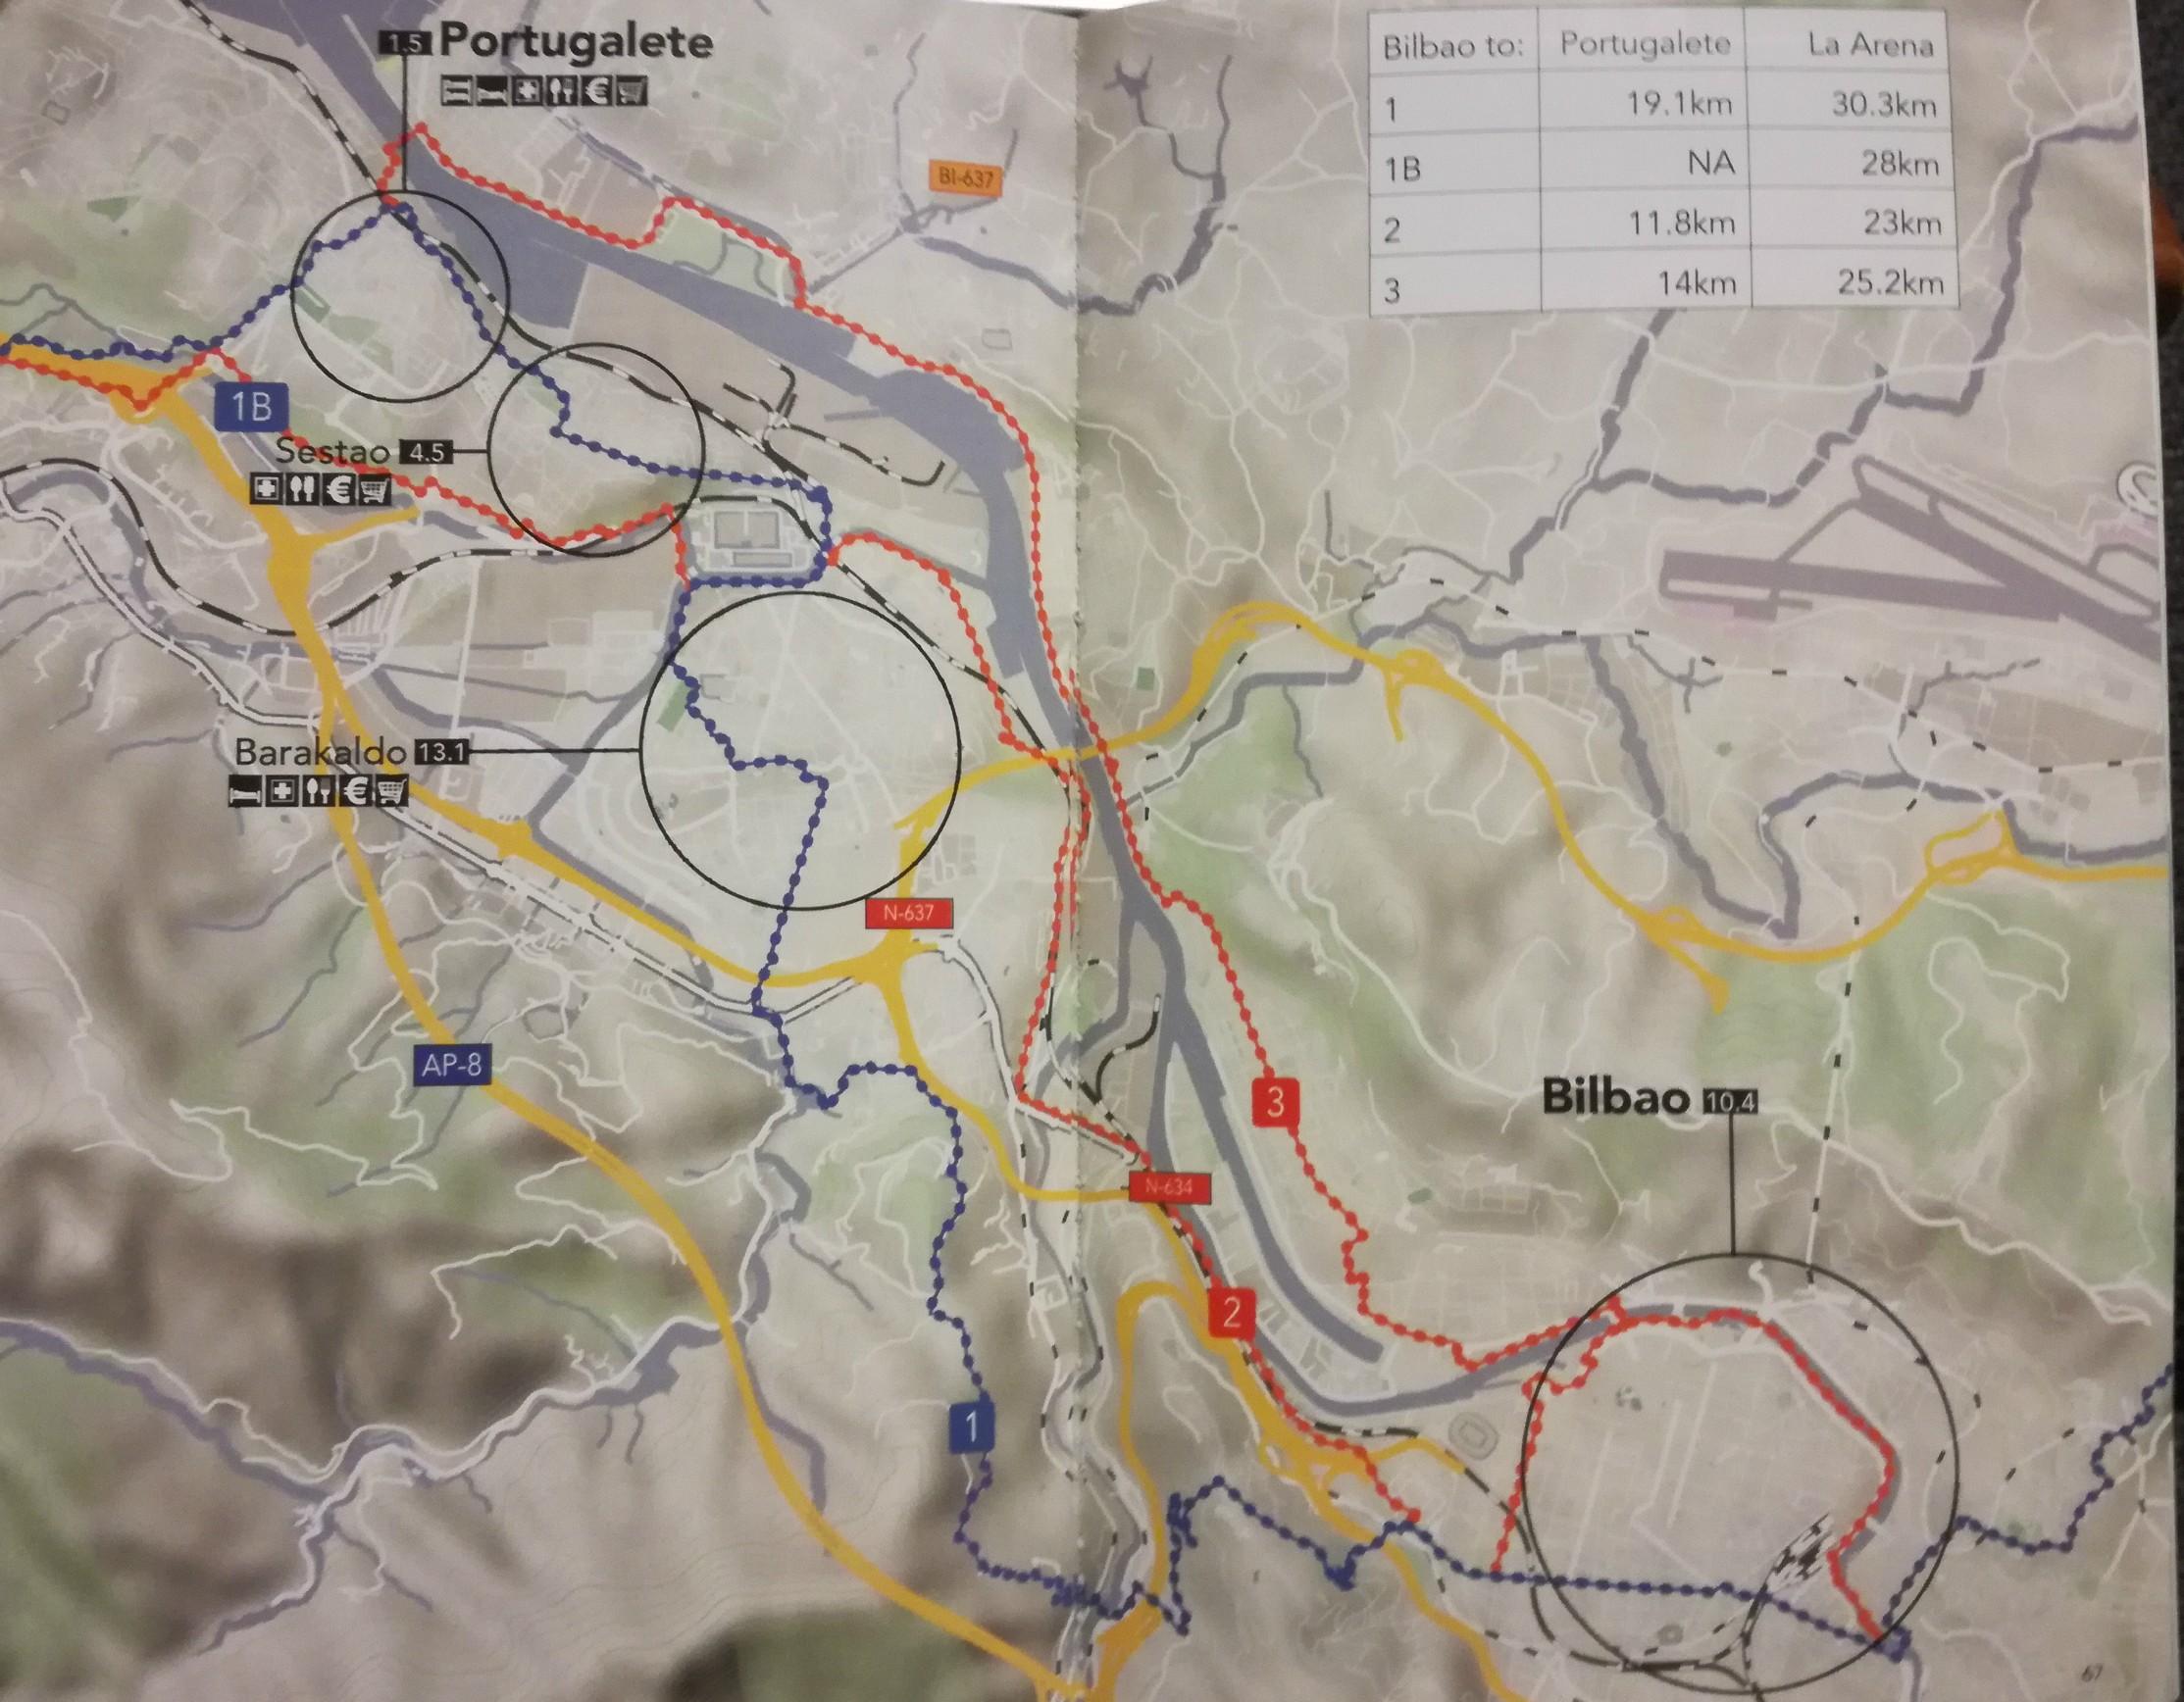 Alternatív útvonalak piros és kék színekkel jelölve a térképen